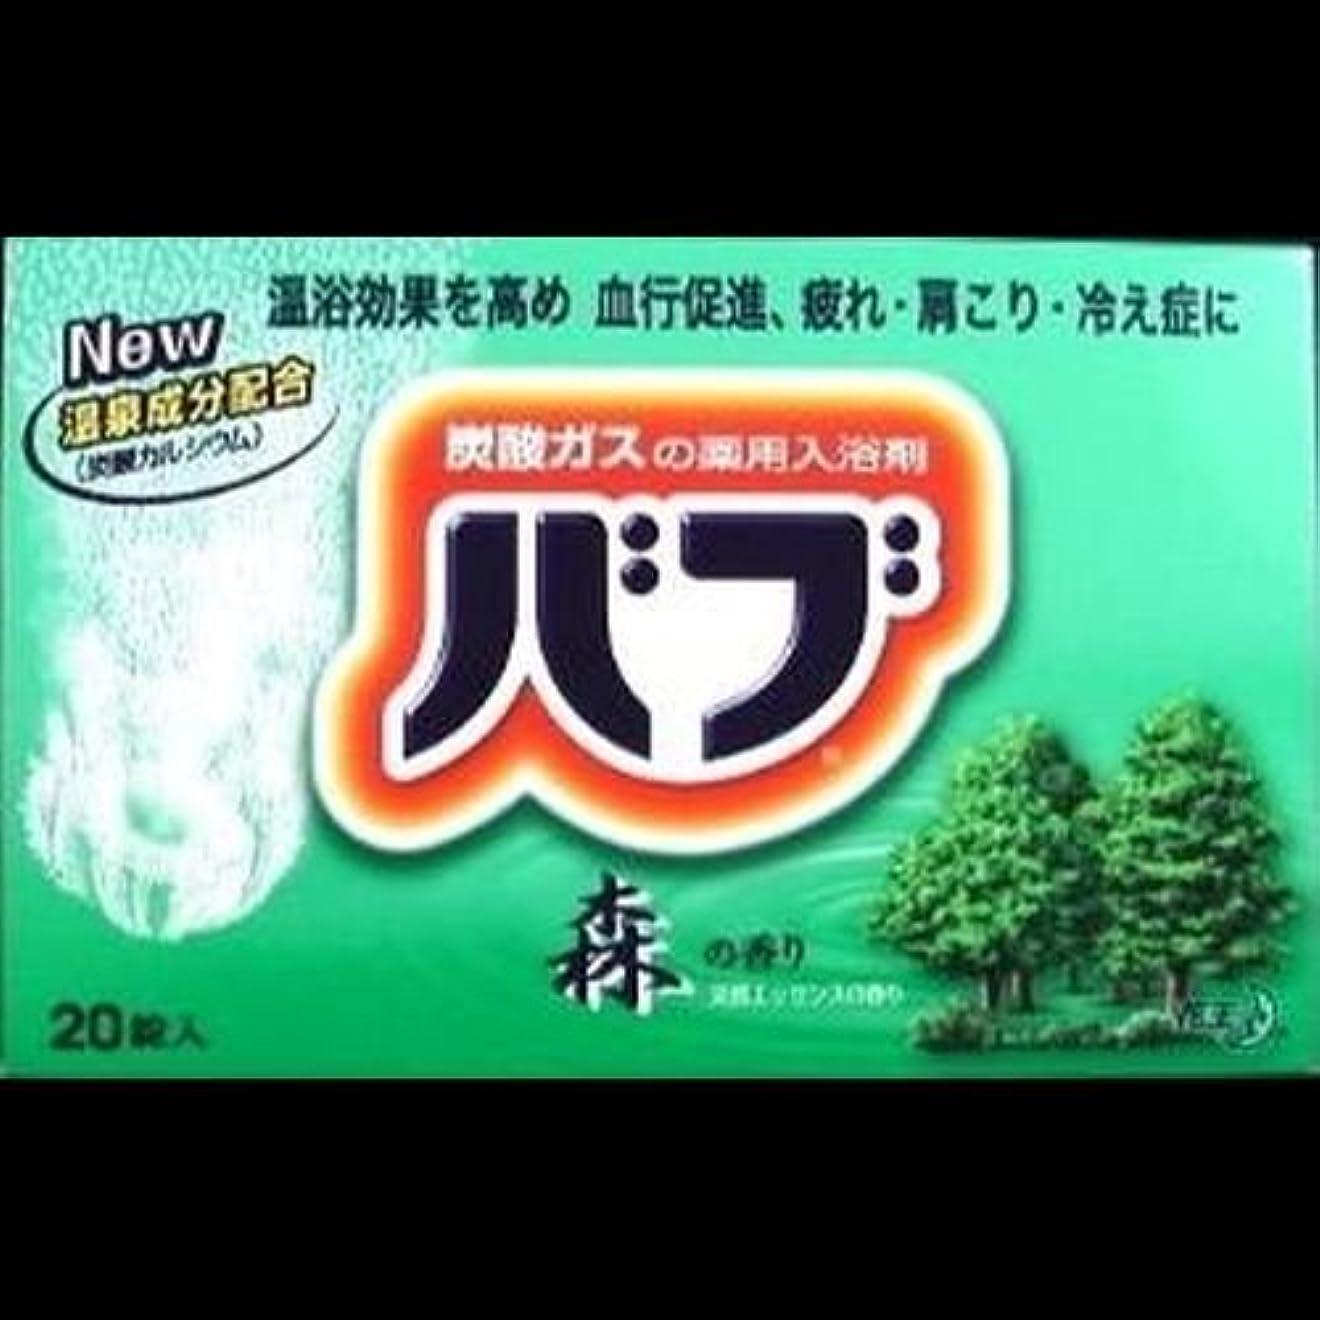 スクラップブック口ひげ期限【まとめ買い】花王 バブ 森の香り 20錠 (医薬部外品) ×2セット